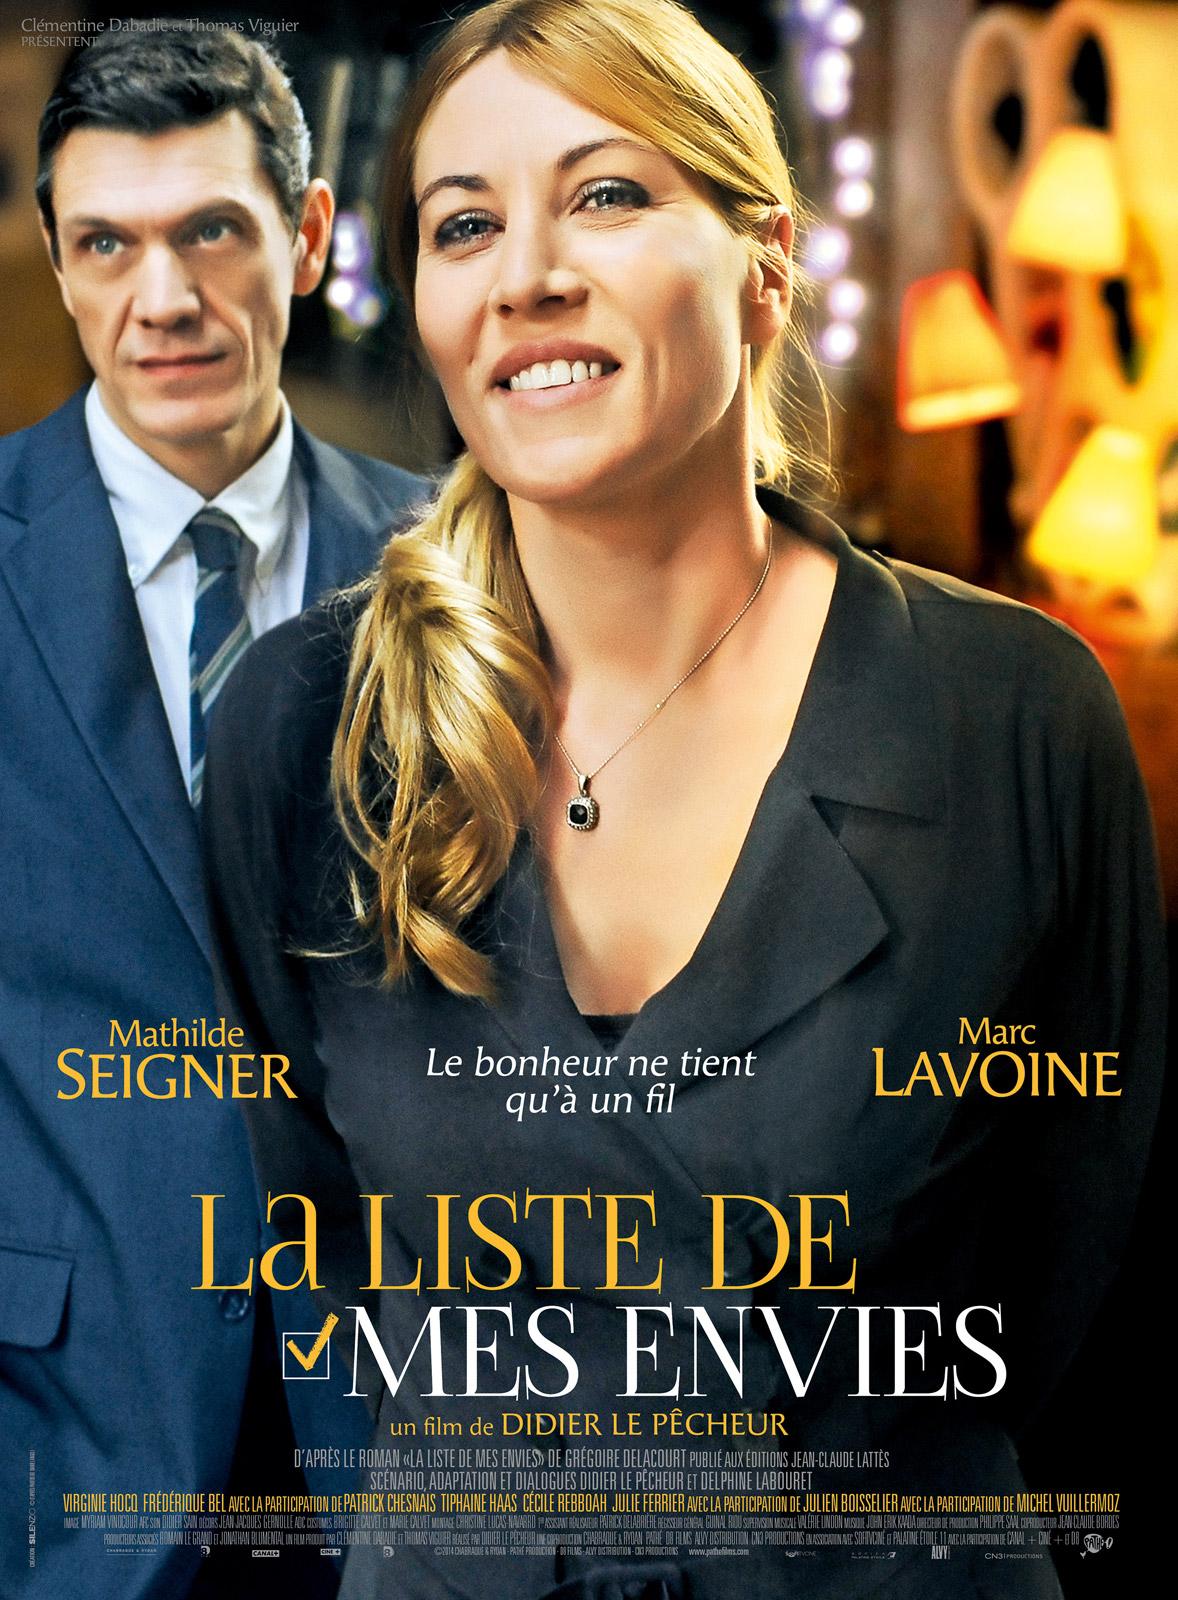 La Liste De Mes Envies (film) : liste, envies, (film), Achat, Liste, Envies, AlloCiné